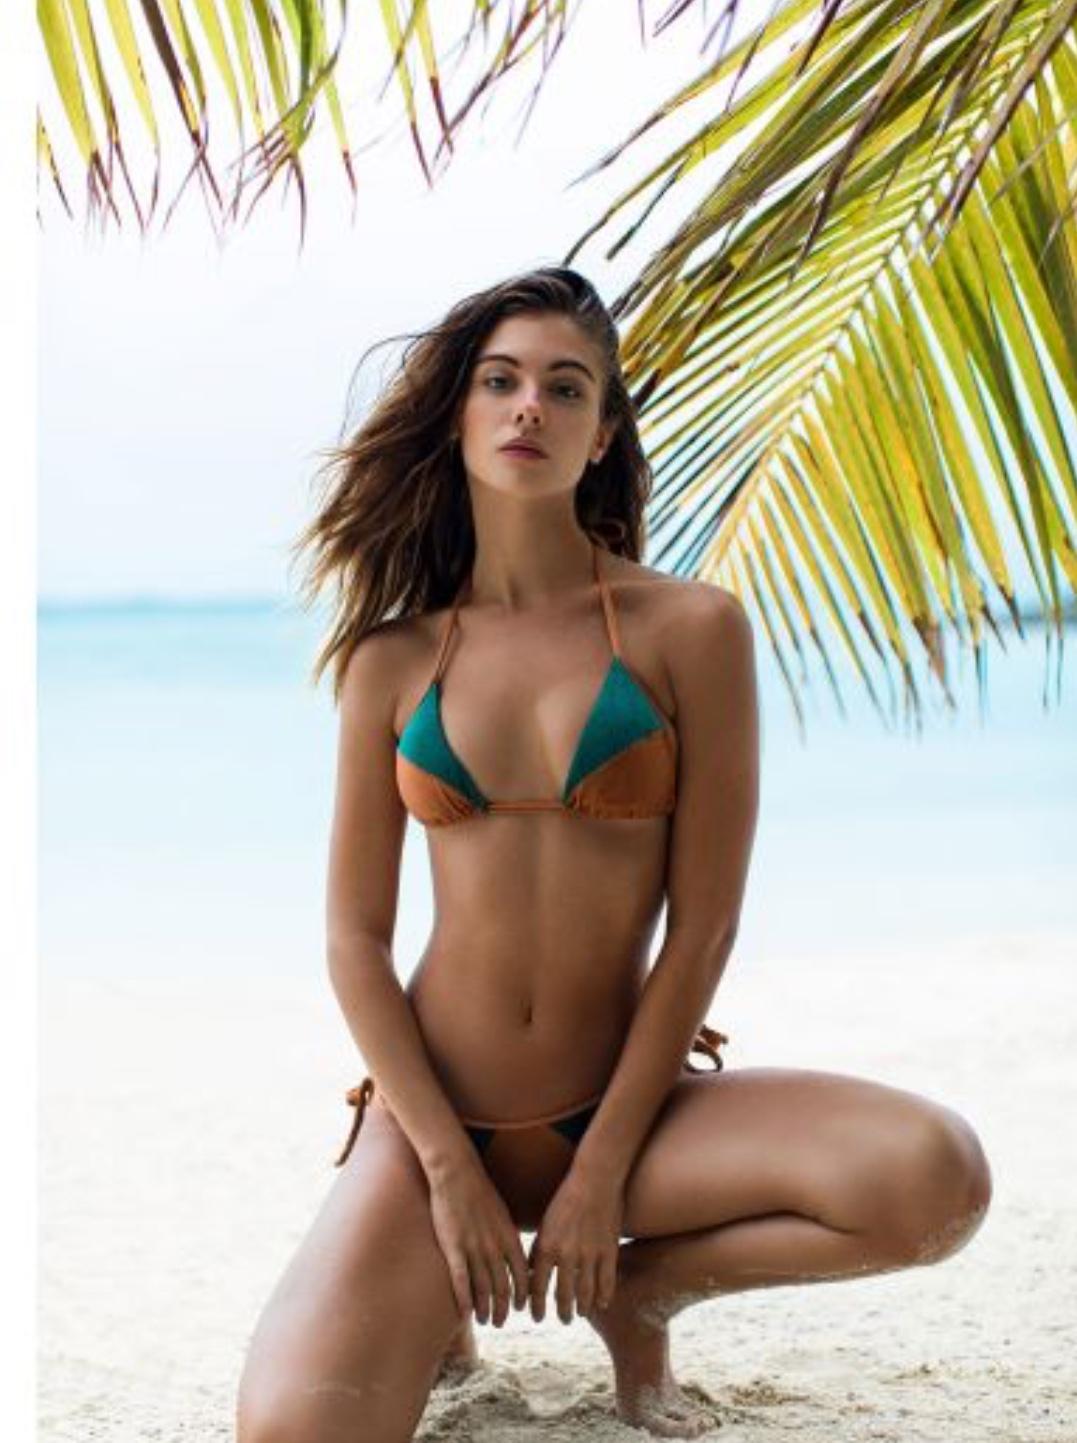 Sulle spiagge il trionfo definitivo del bikini brasiliano